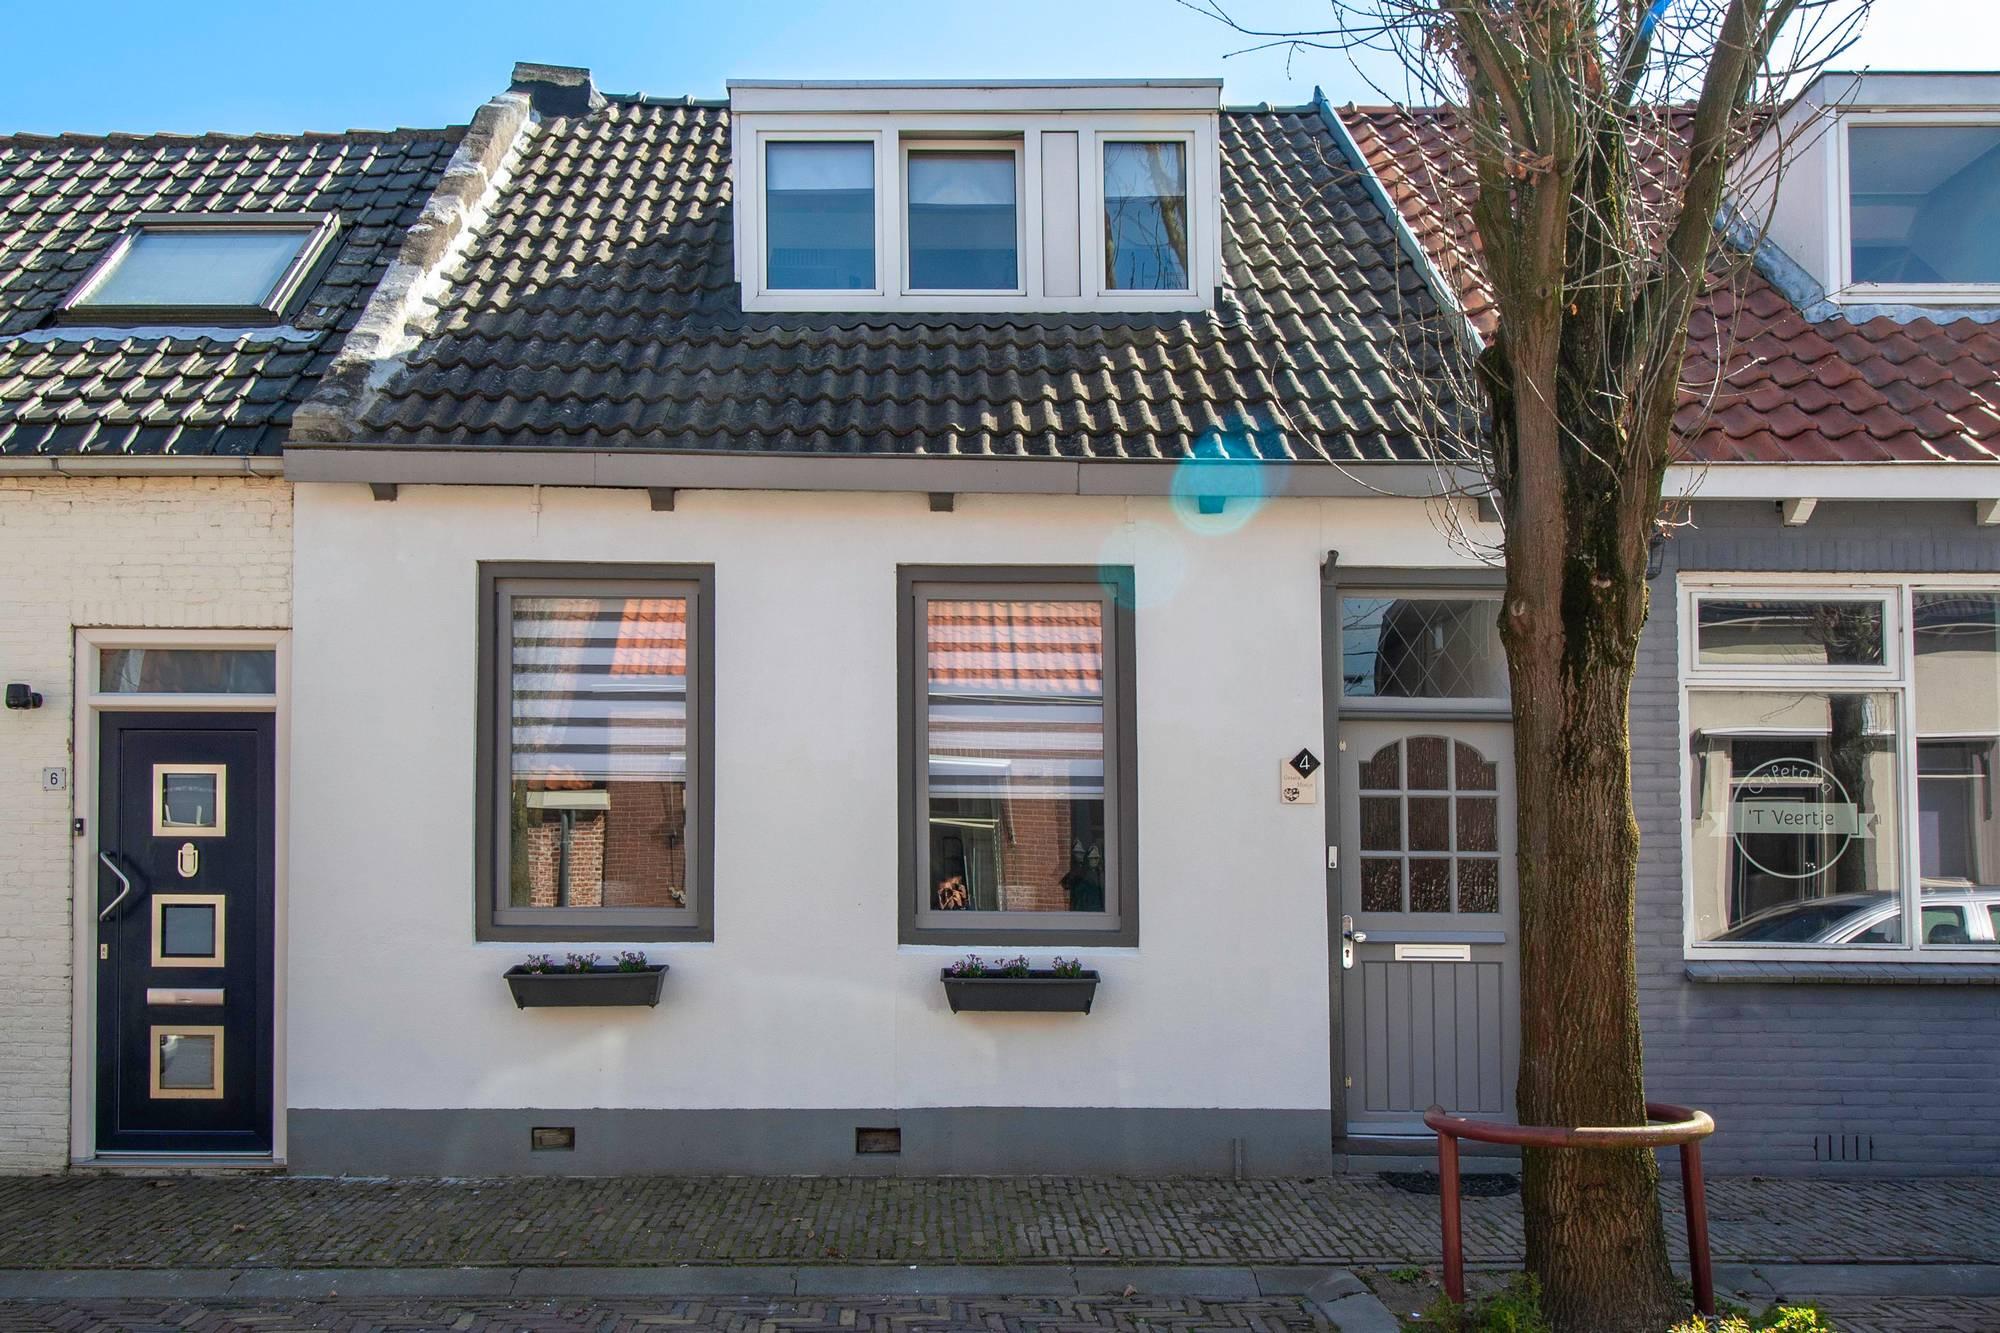 Kerkstraat 4, Nieuw- en Sint Joosland